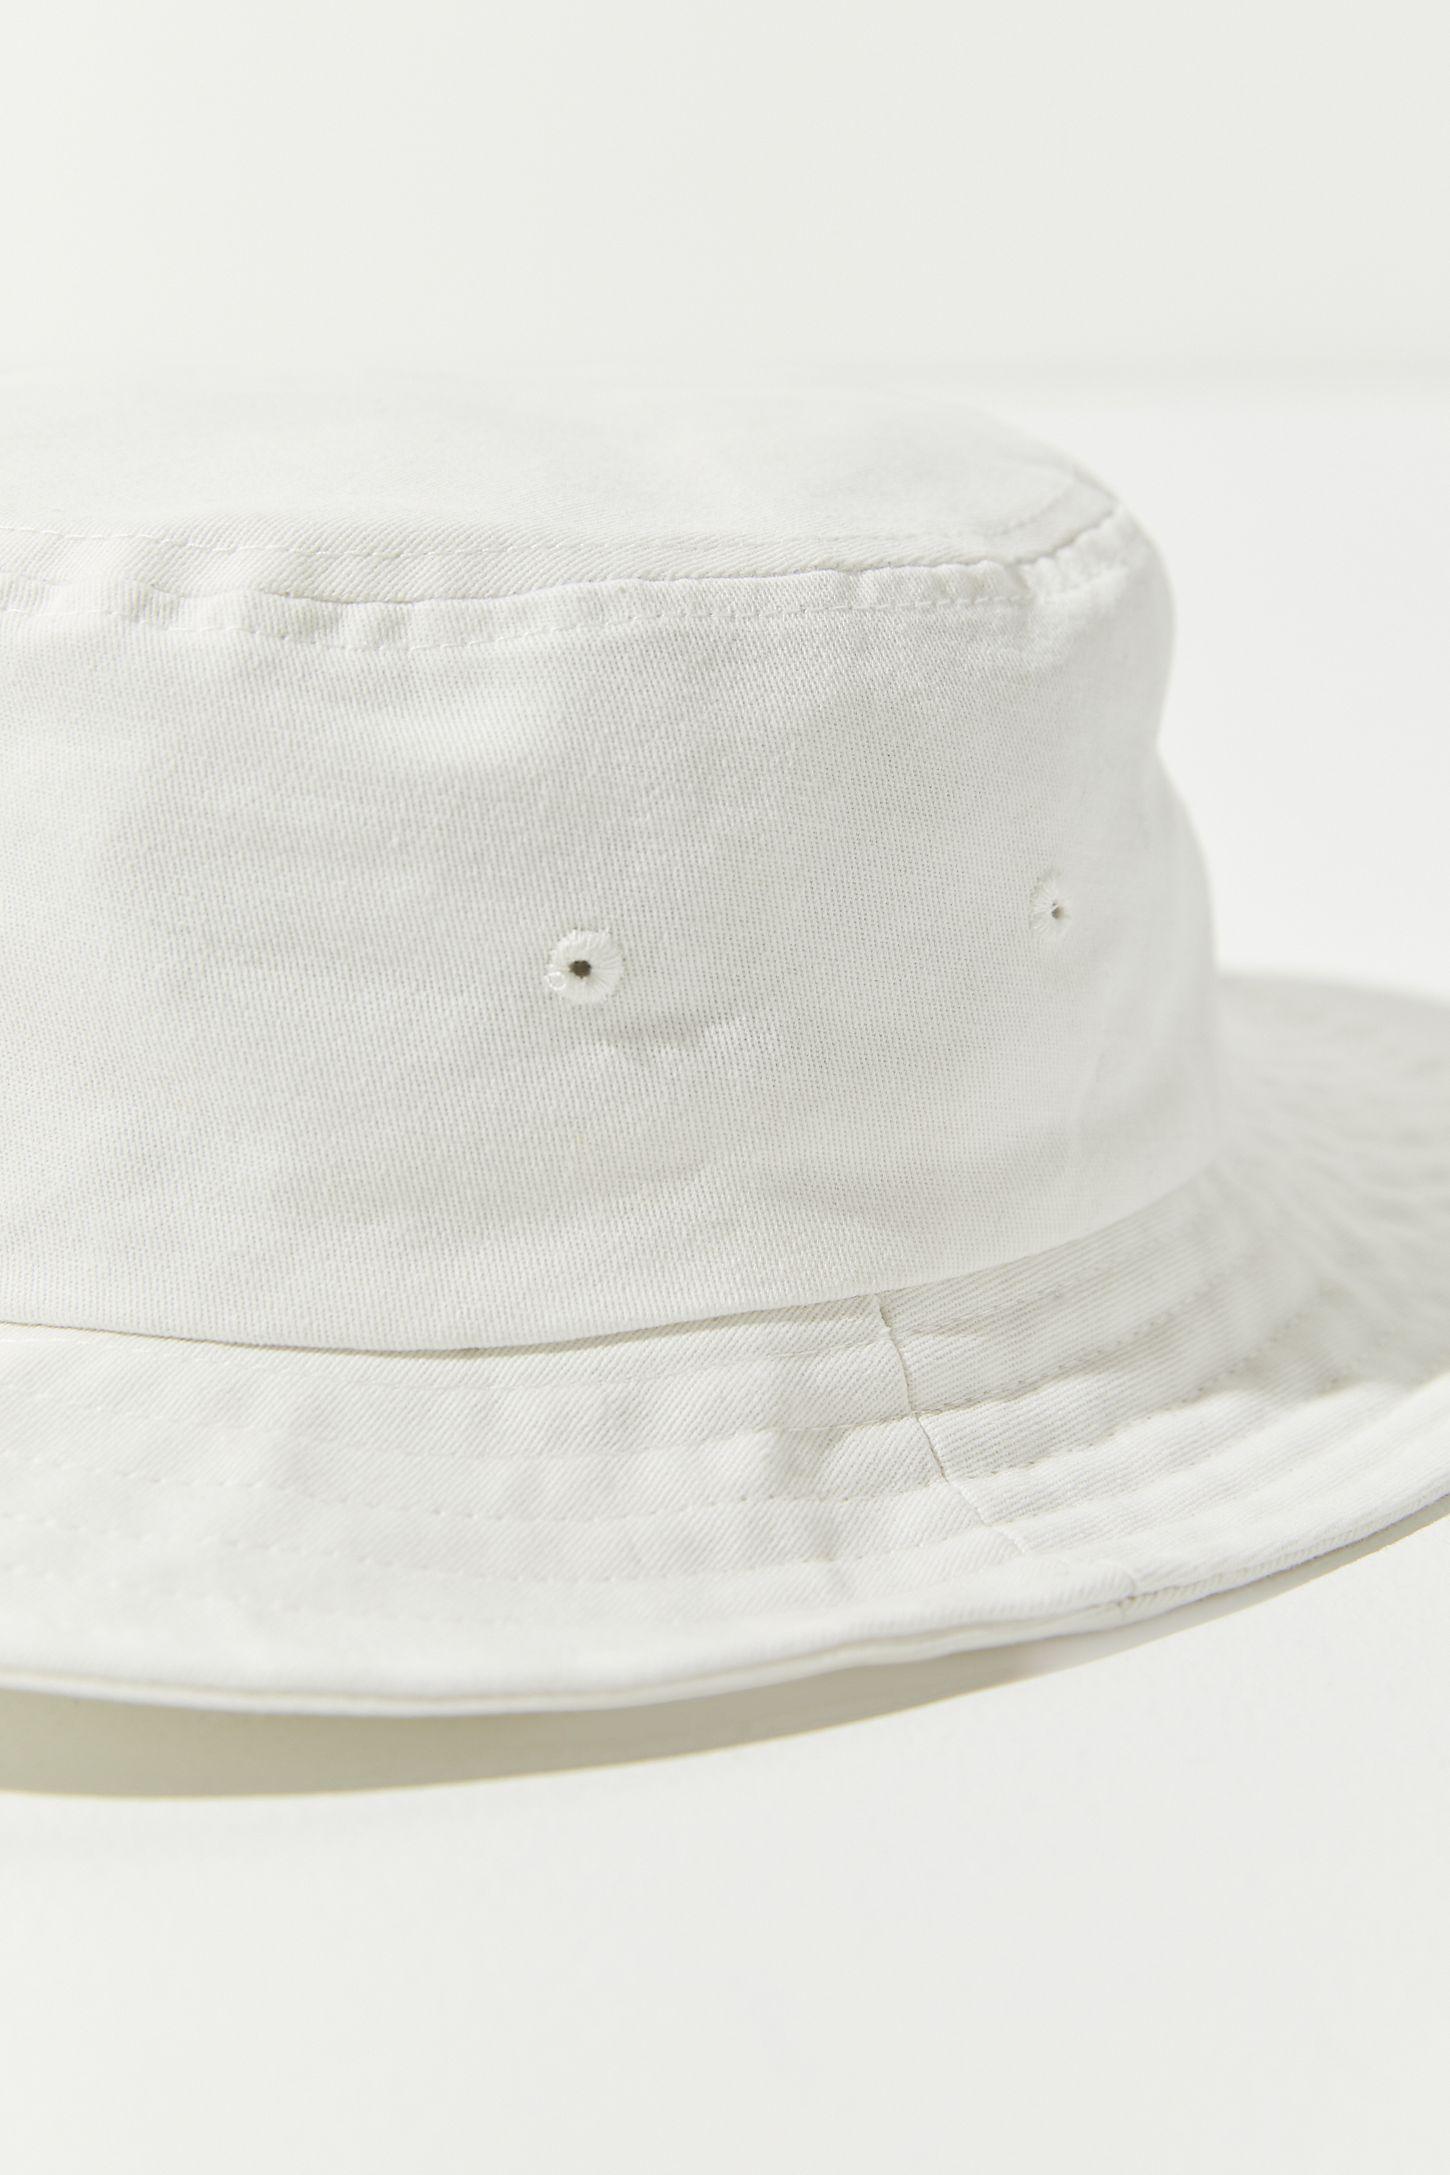 Slide View  3  Chloe Canvas Bucket Hat 007fd7582f0e